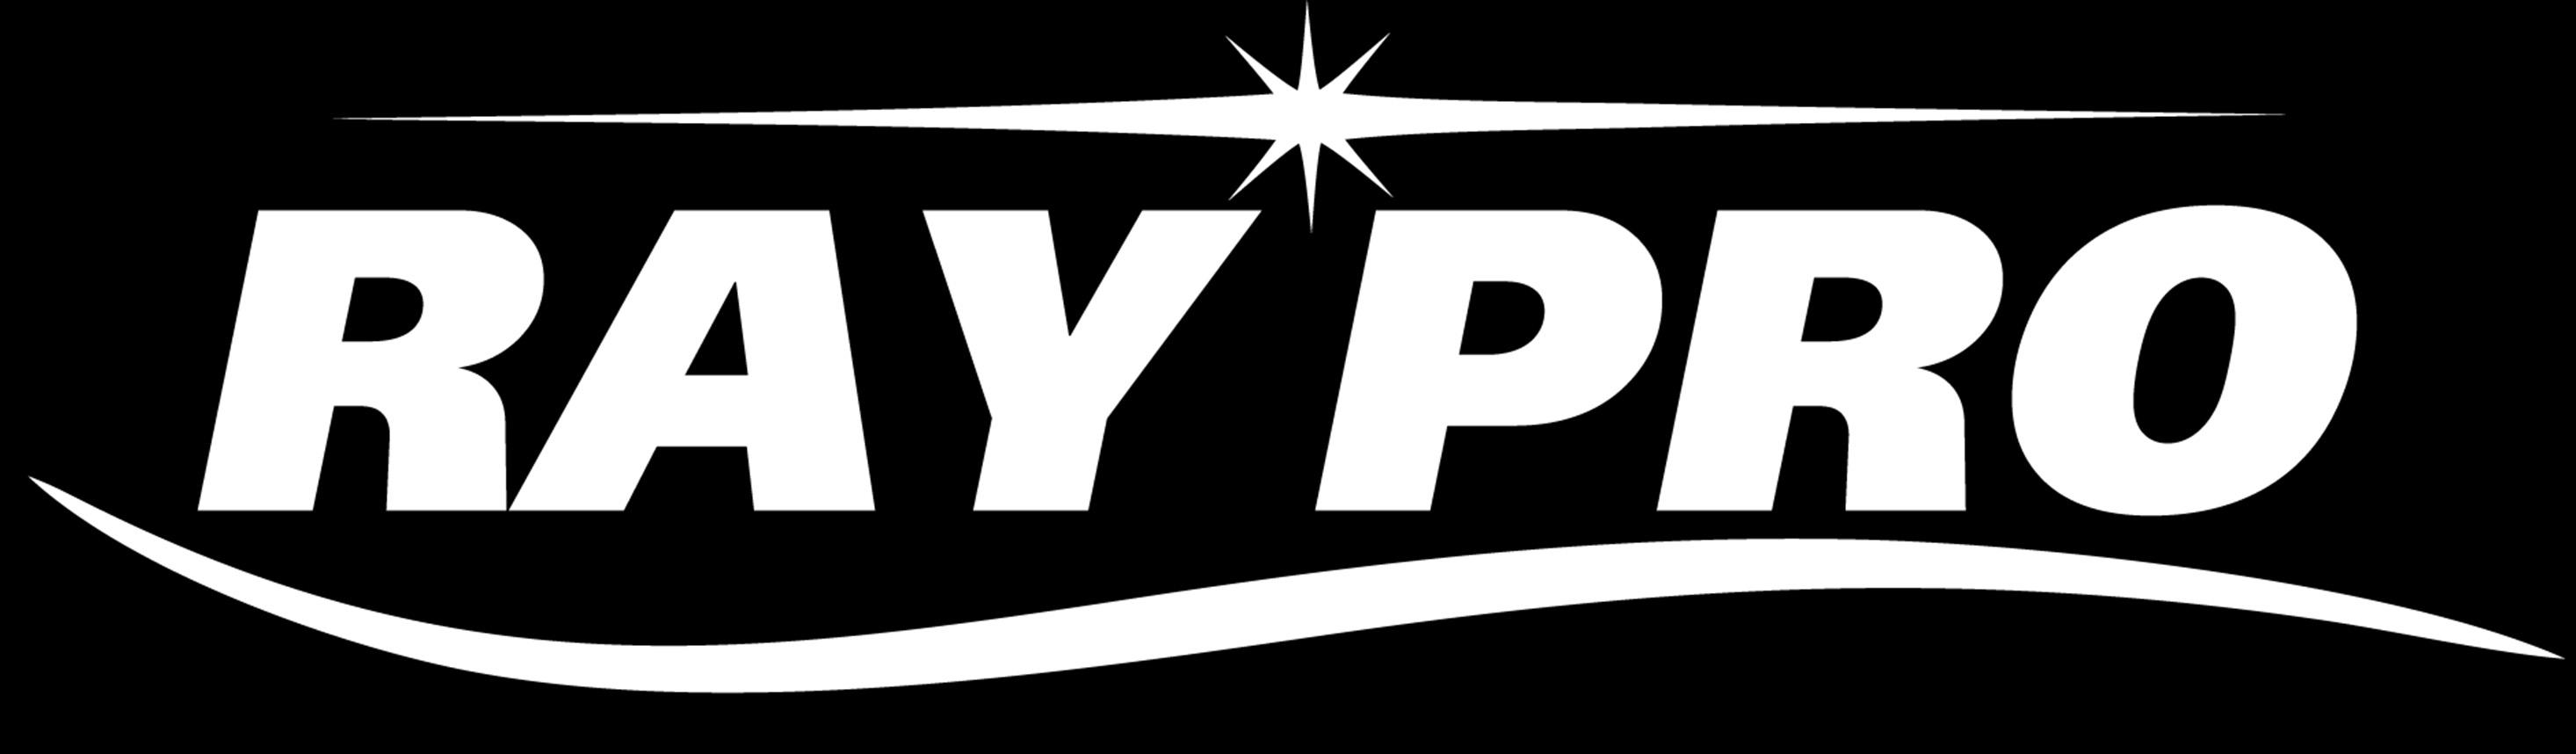 Разработка логотипа (продукт - светодиодная лента) фото f_8915bc330d2e9d9f.jpg